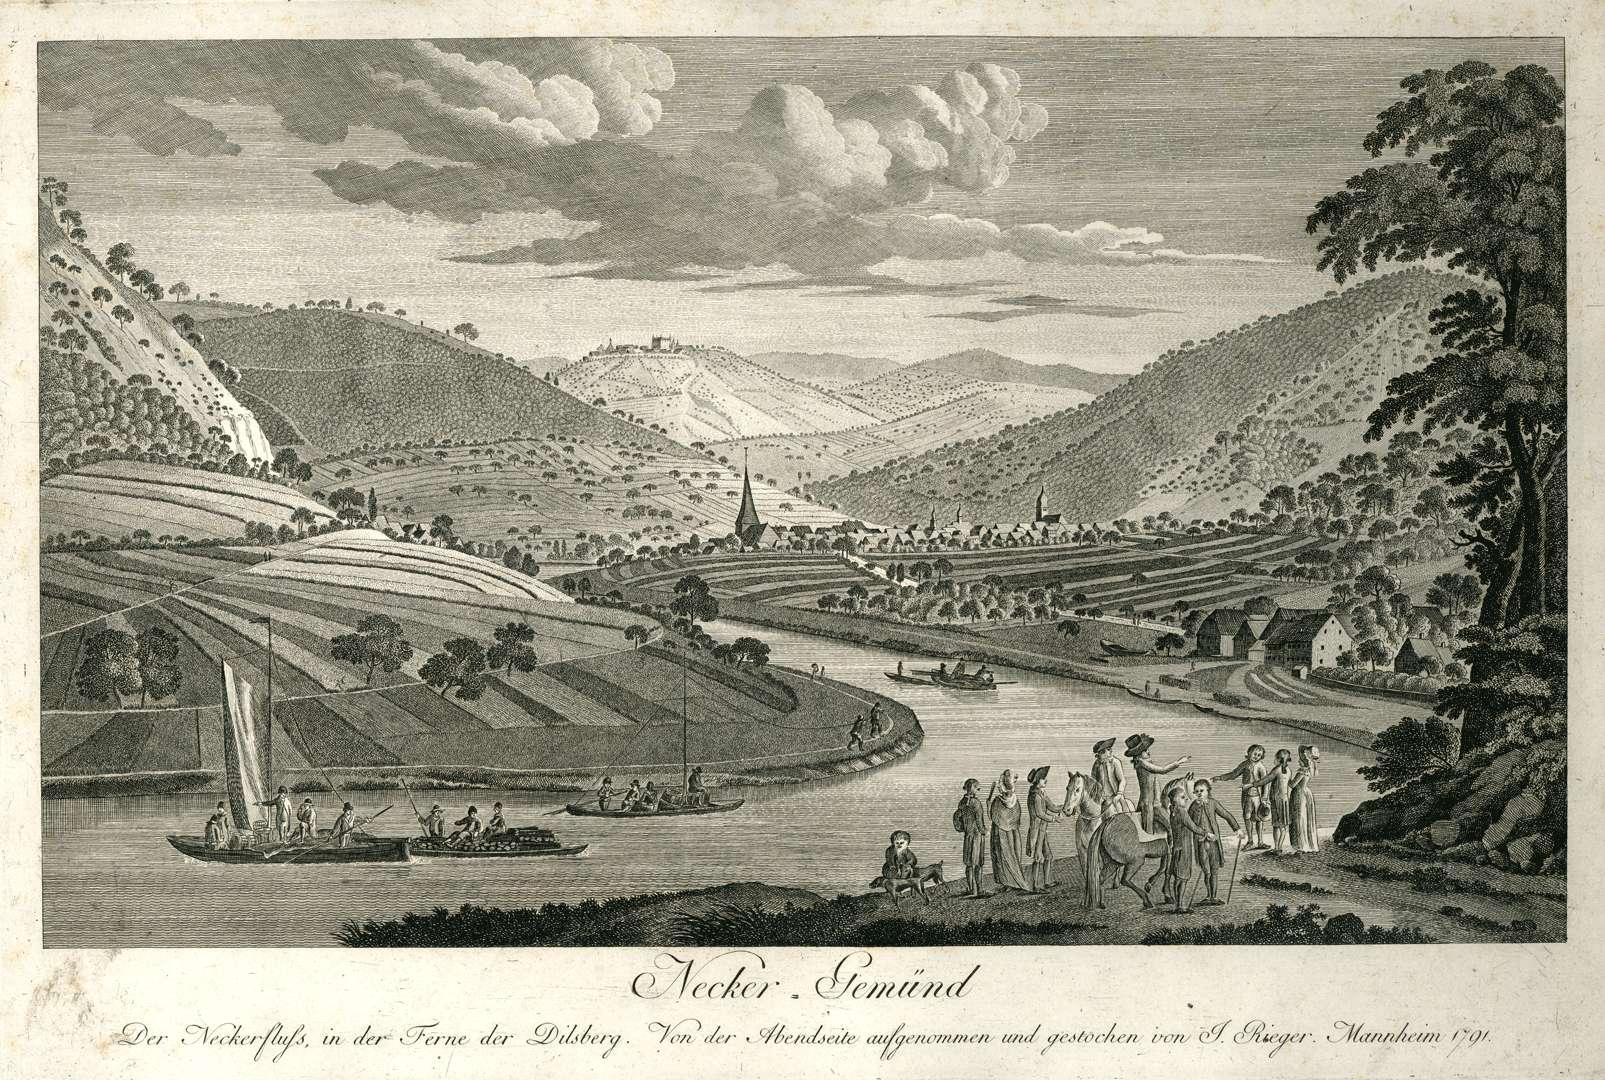 Neckar=Gemünd Der Neckerfluß, in der Ferne der Dilsberg, von der Abendseite aufgenommen, Bild 1